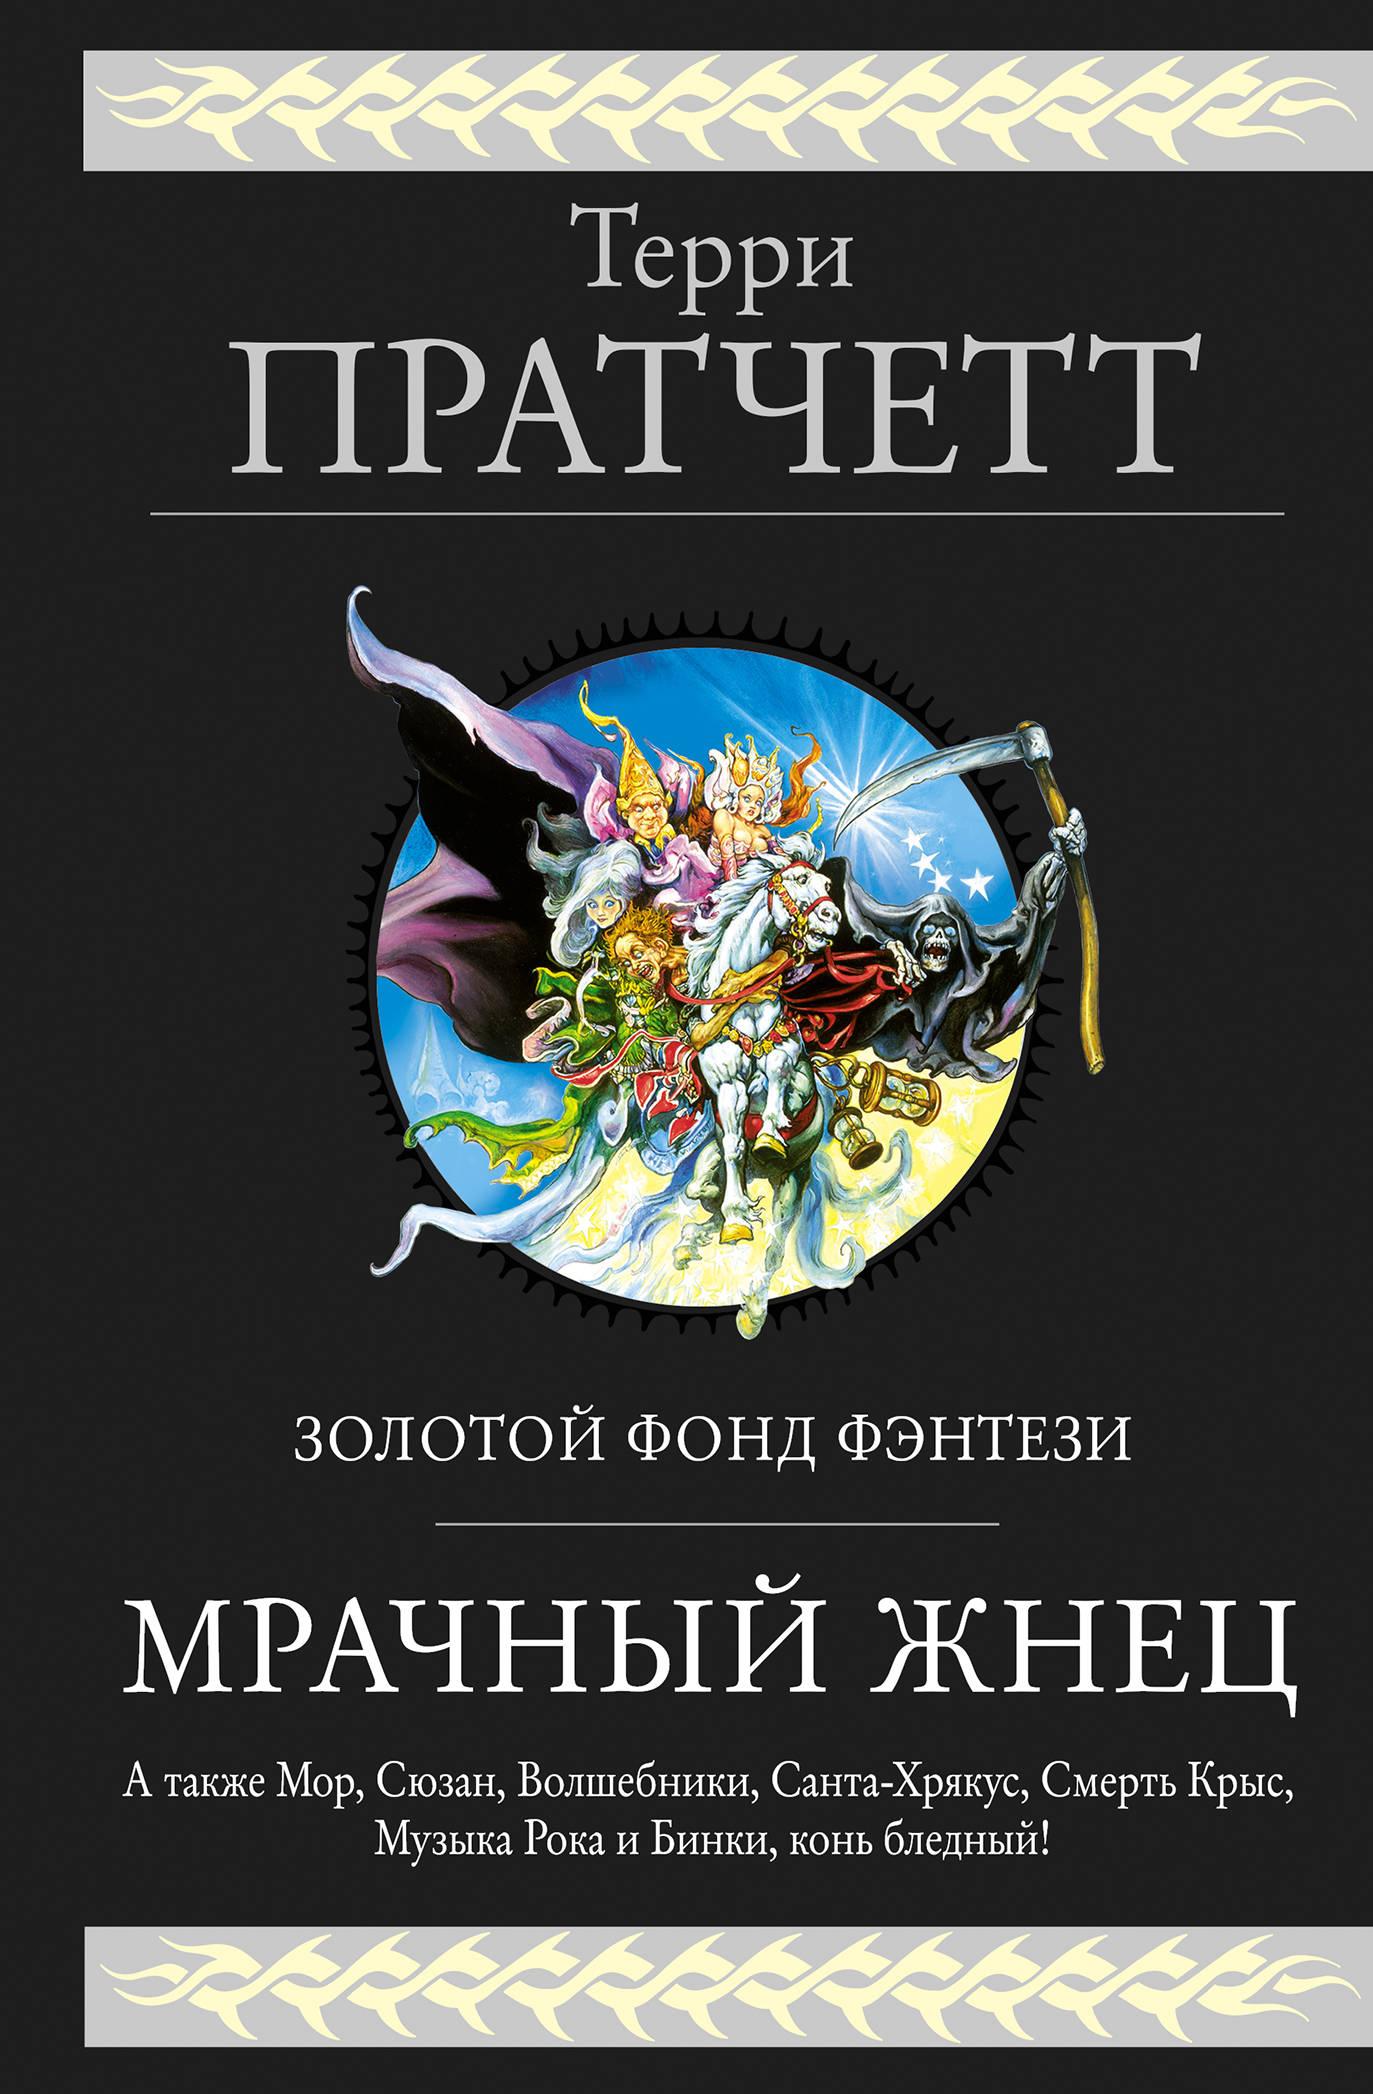 Терри Пратчетт Мрачный Жнец. Четыре романа о Плоском Мире